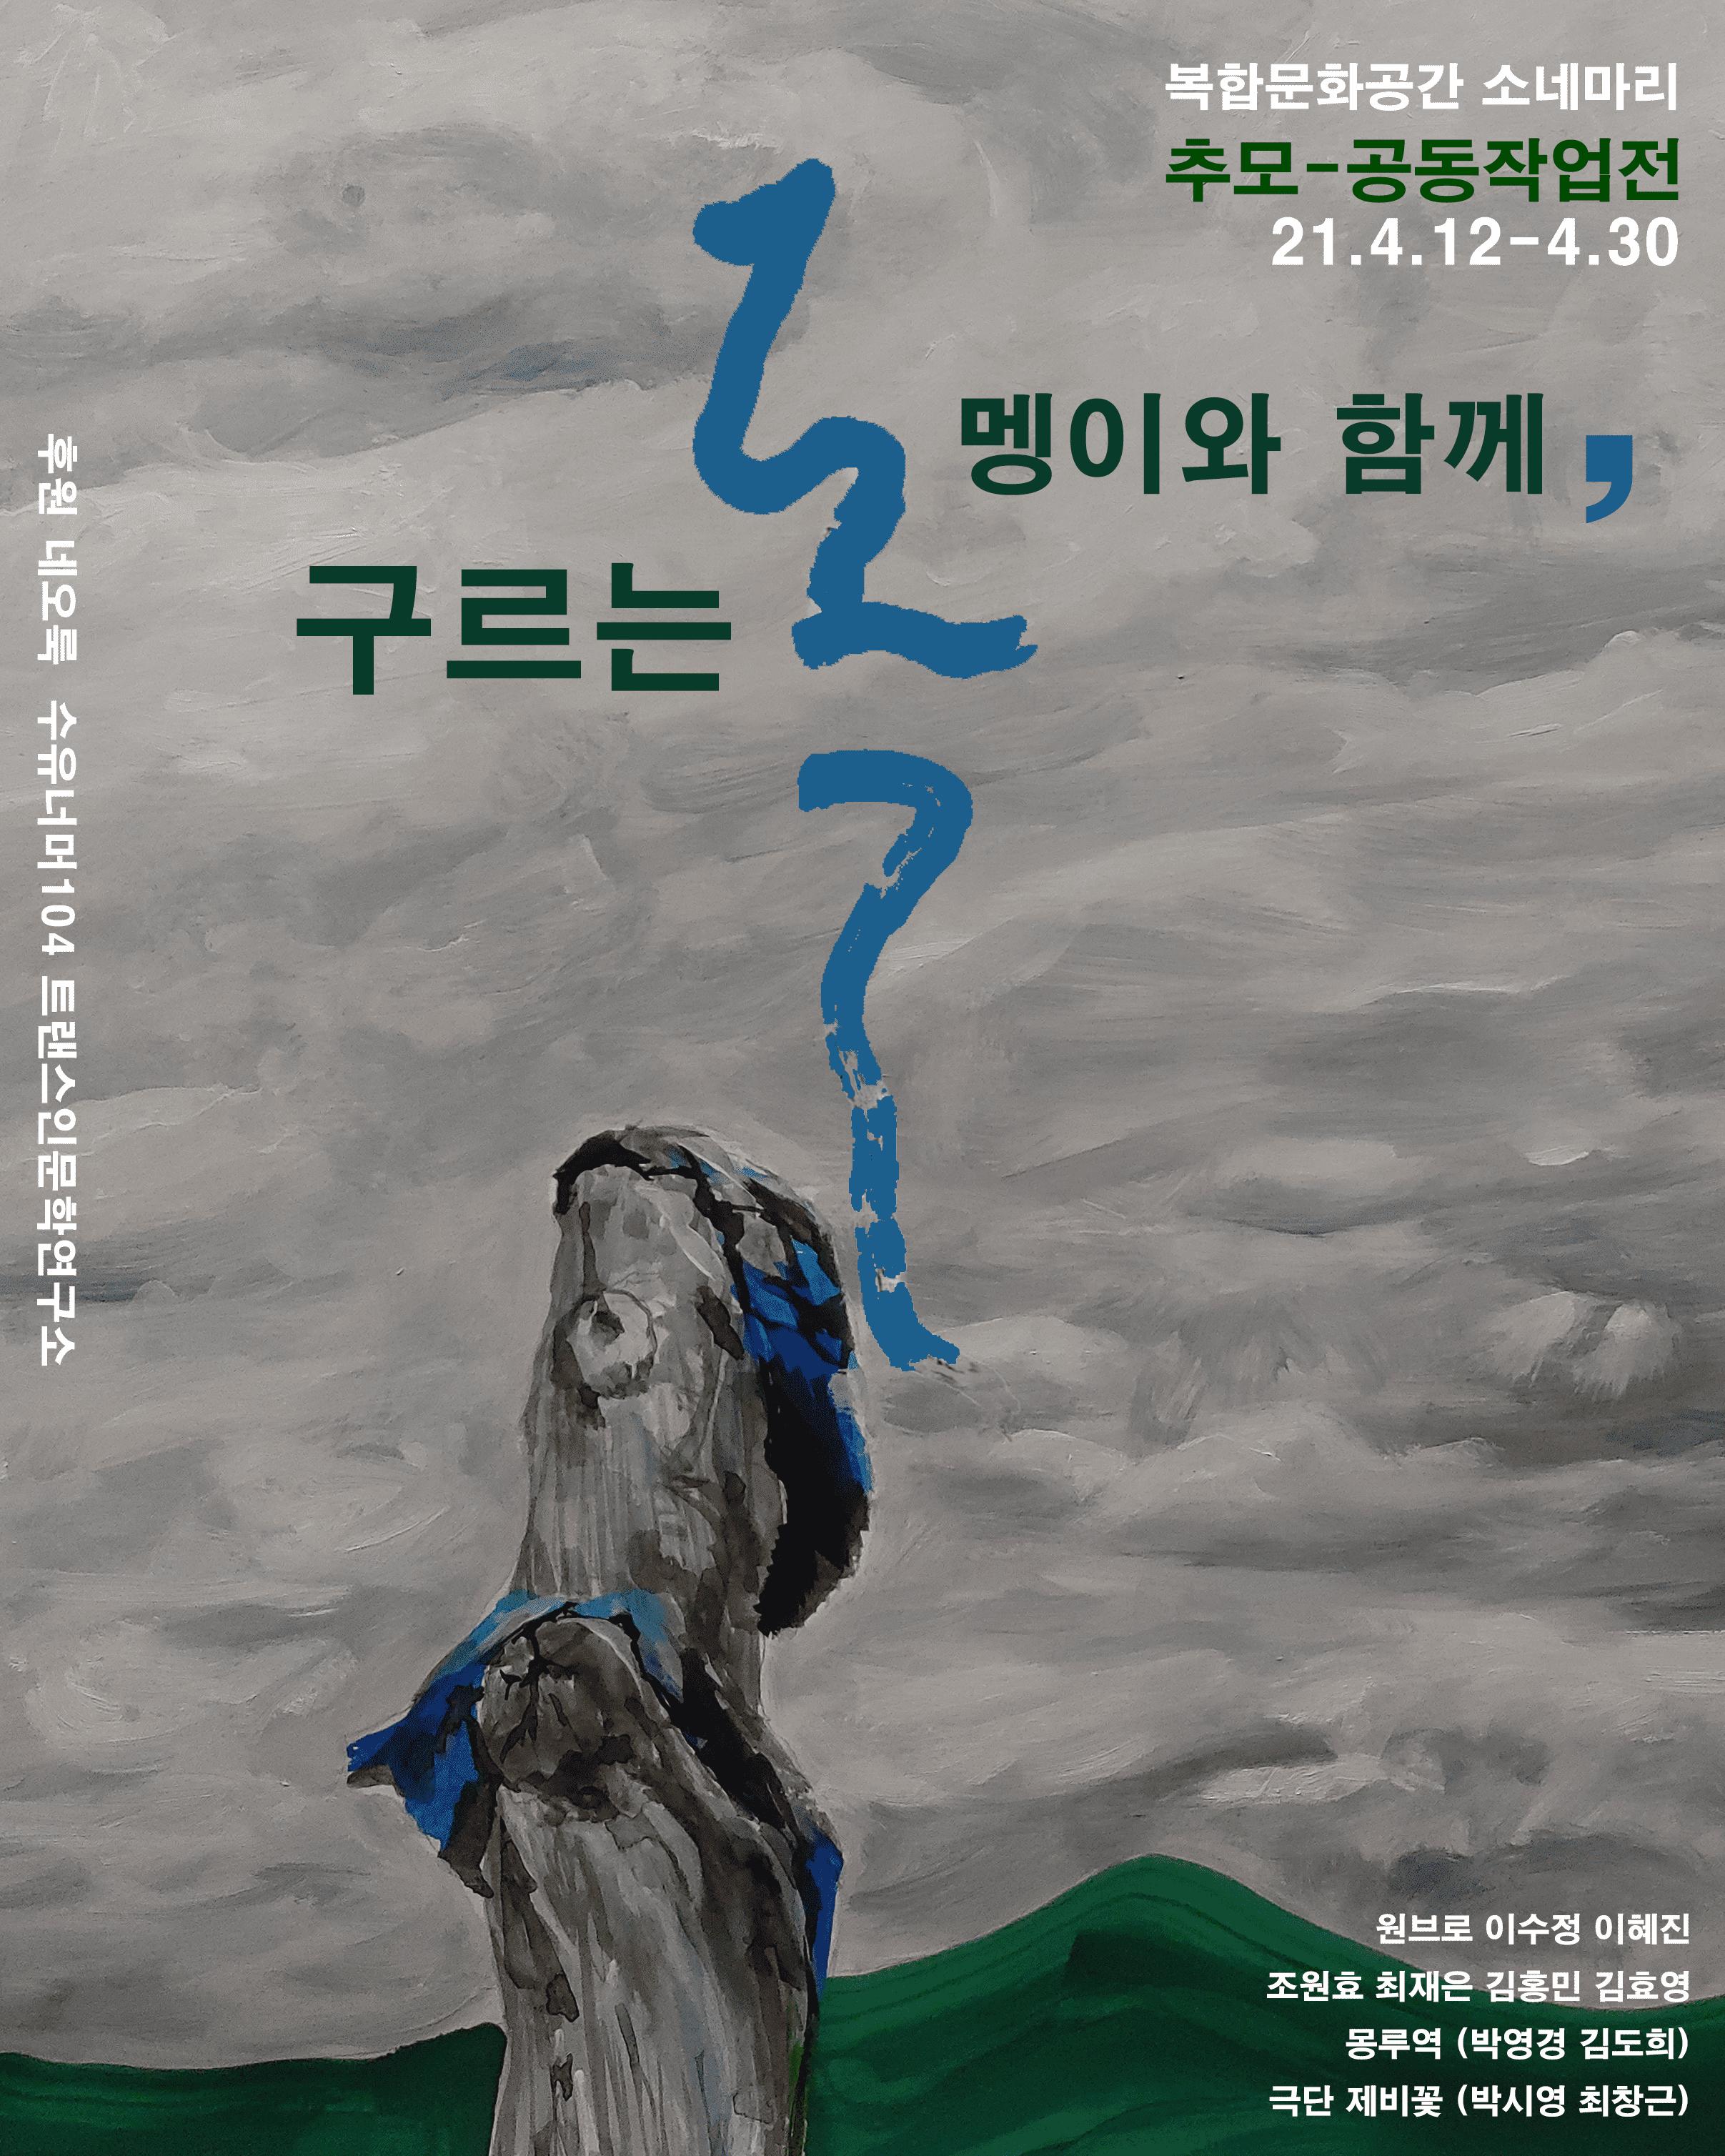 포스터-(수정)_optimized.png